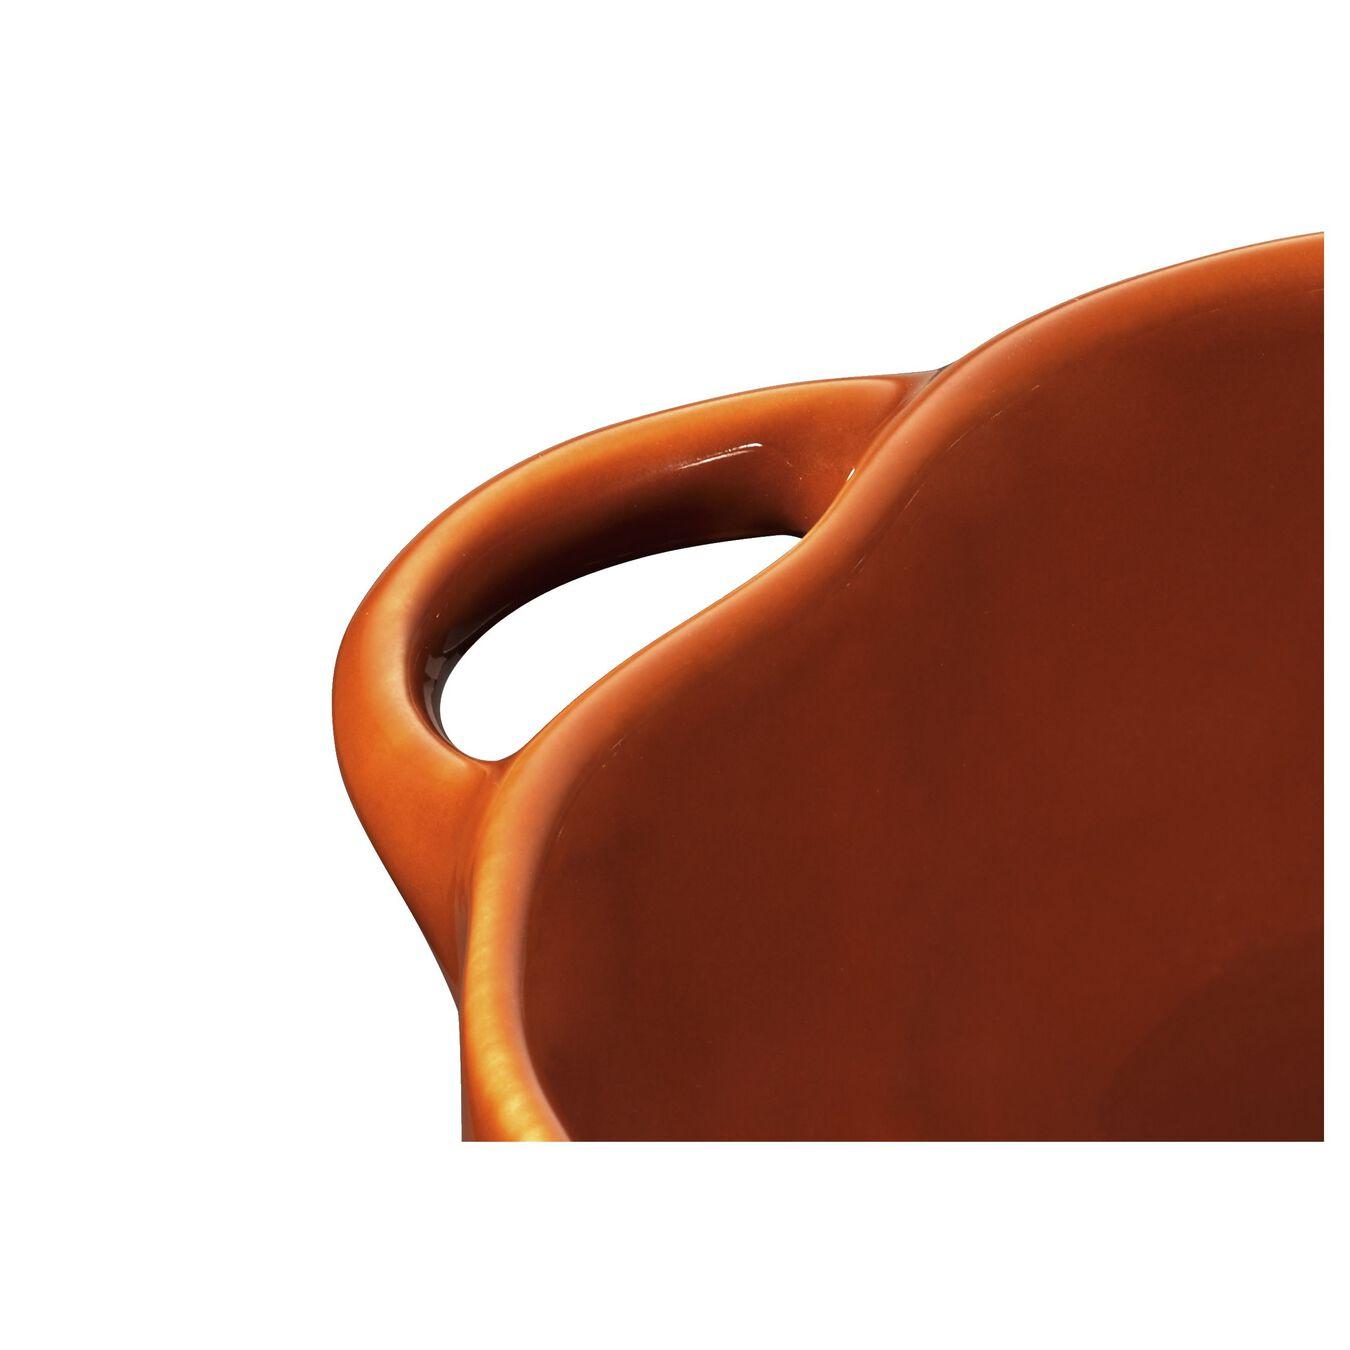 Cocotte 12 cm, Kürbis, Zimt, Keramik,,large 3